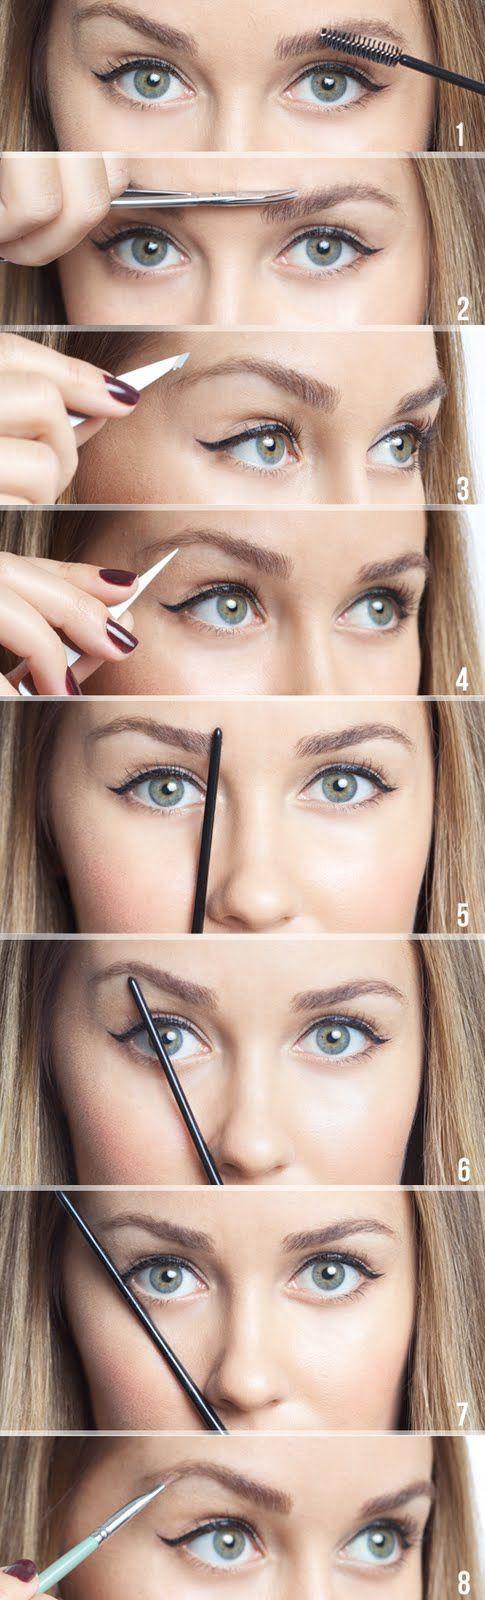 Tuto épilation pour des sourcils parfaits:                                                                                                                                                                                 Plus